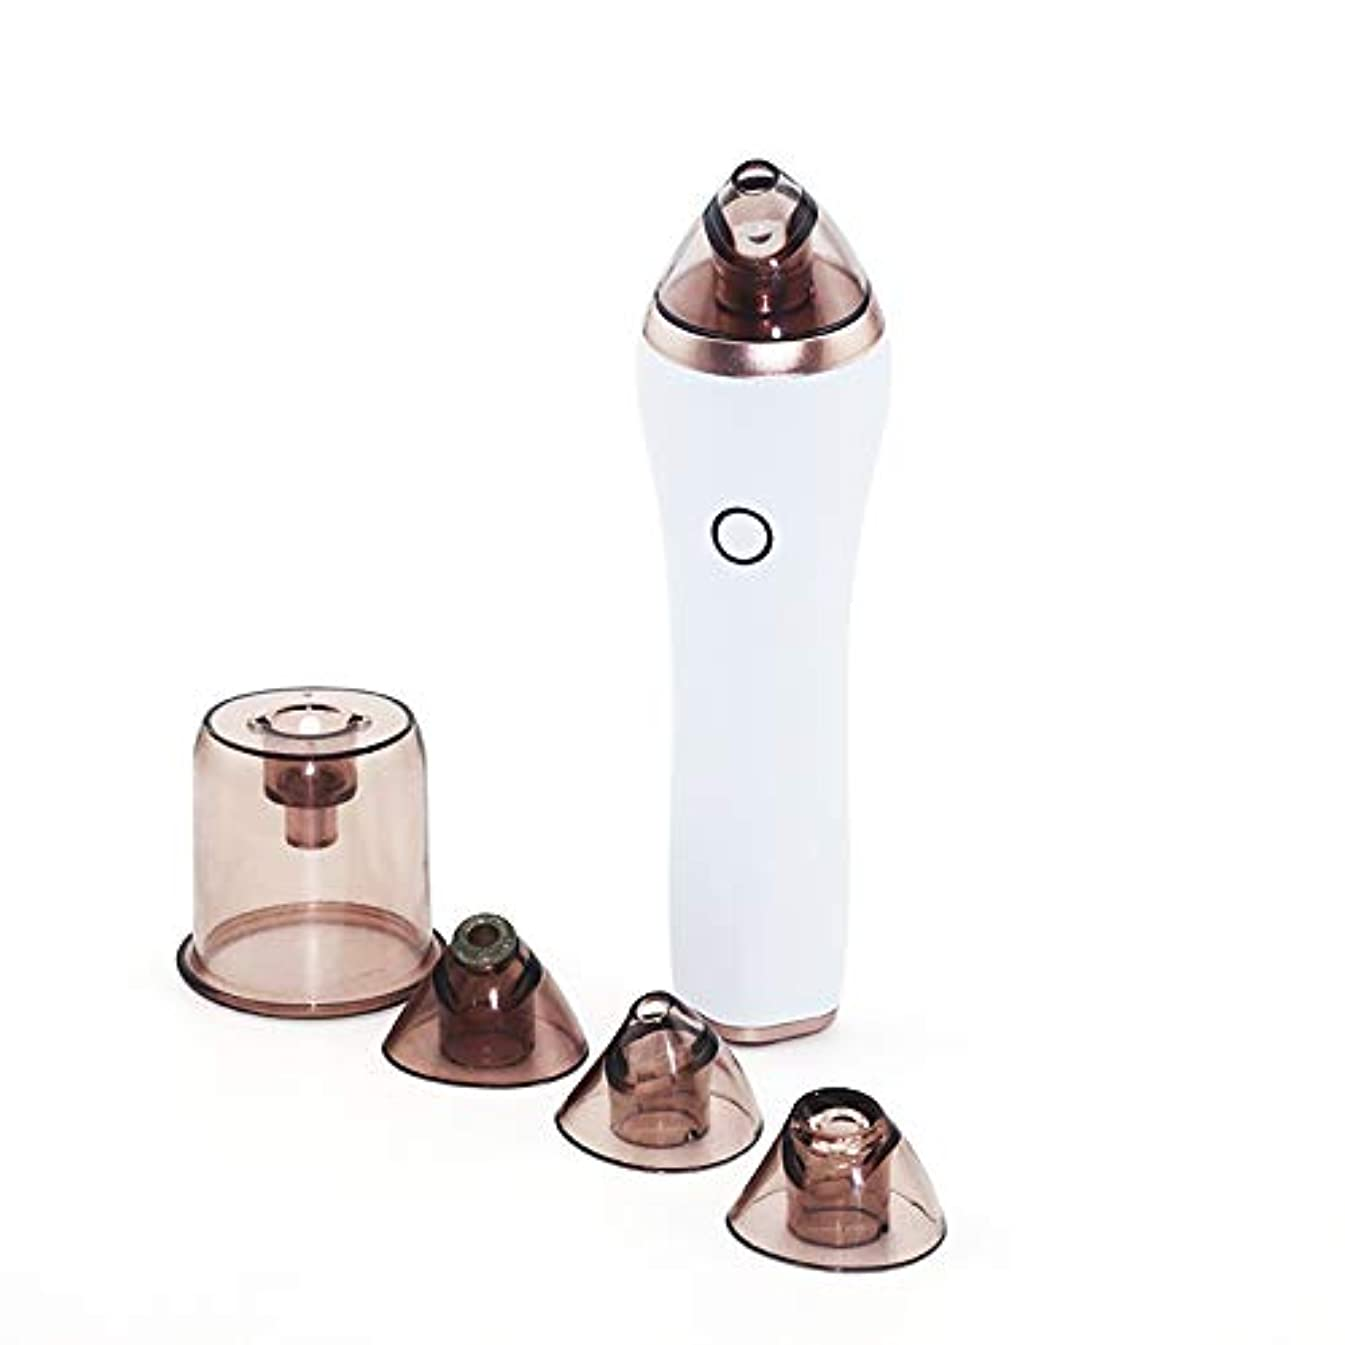 にきびの除去剤、毛穴の真空の電気にきびの真空の抽出器のきれいな用具 - Comedoの毛穴のExtracotrの美装置